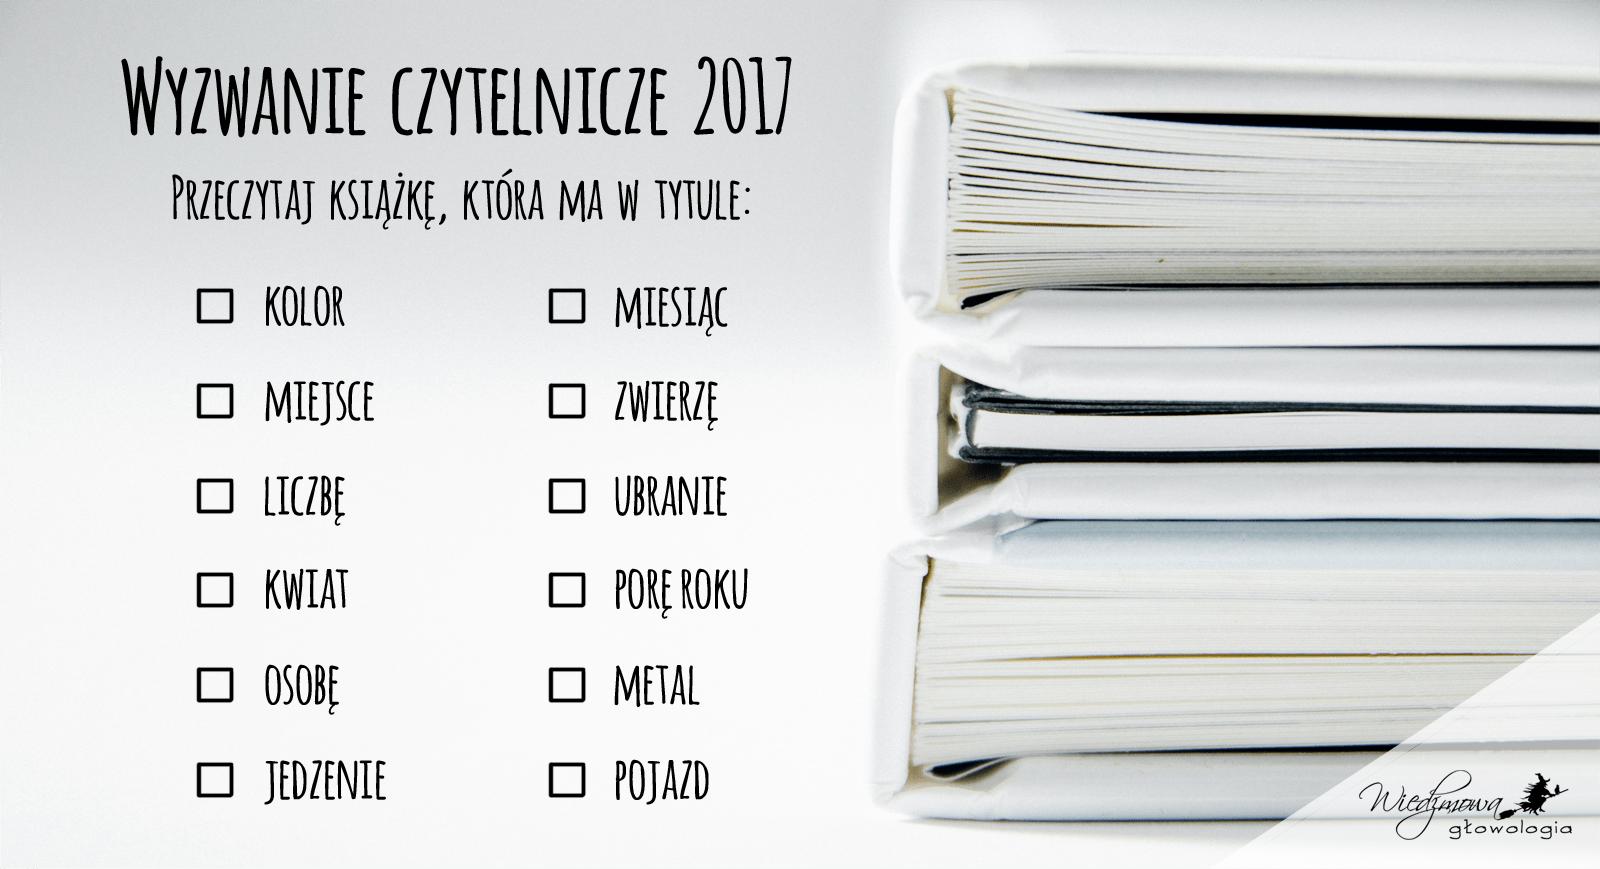 wyzwanie książkowe 2017